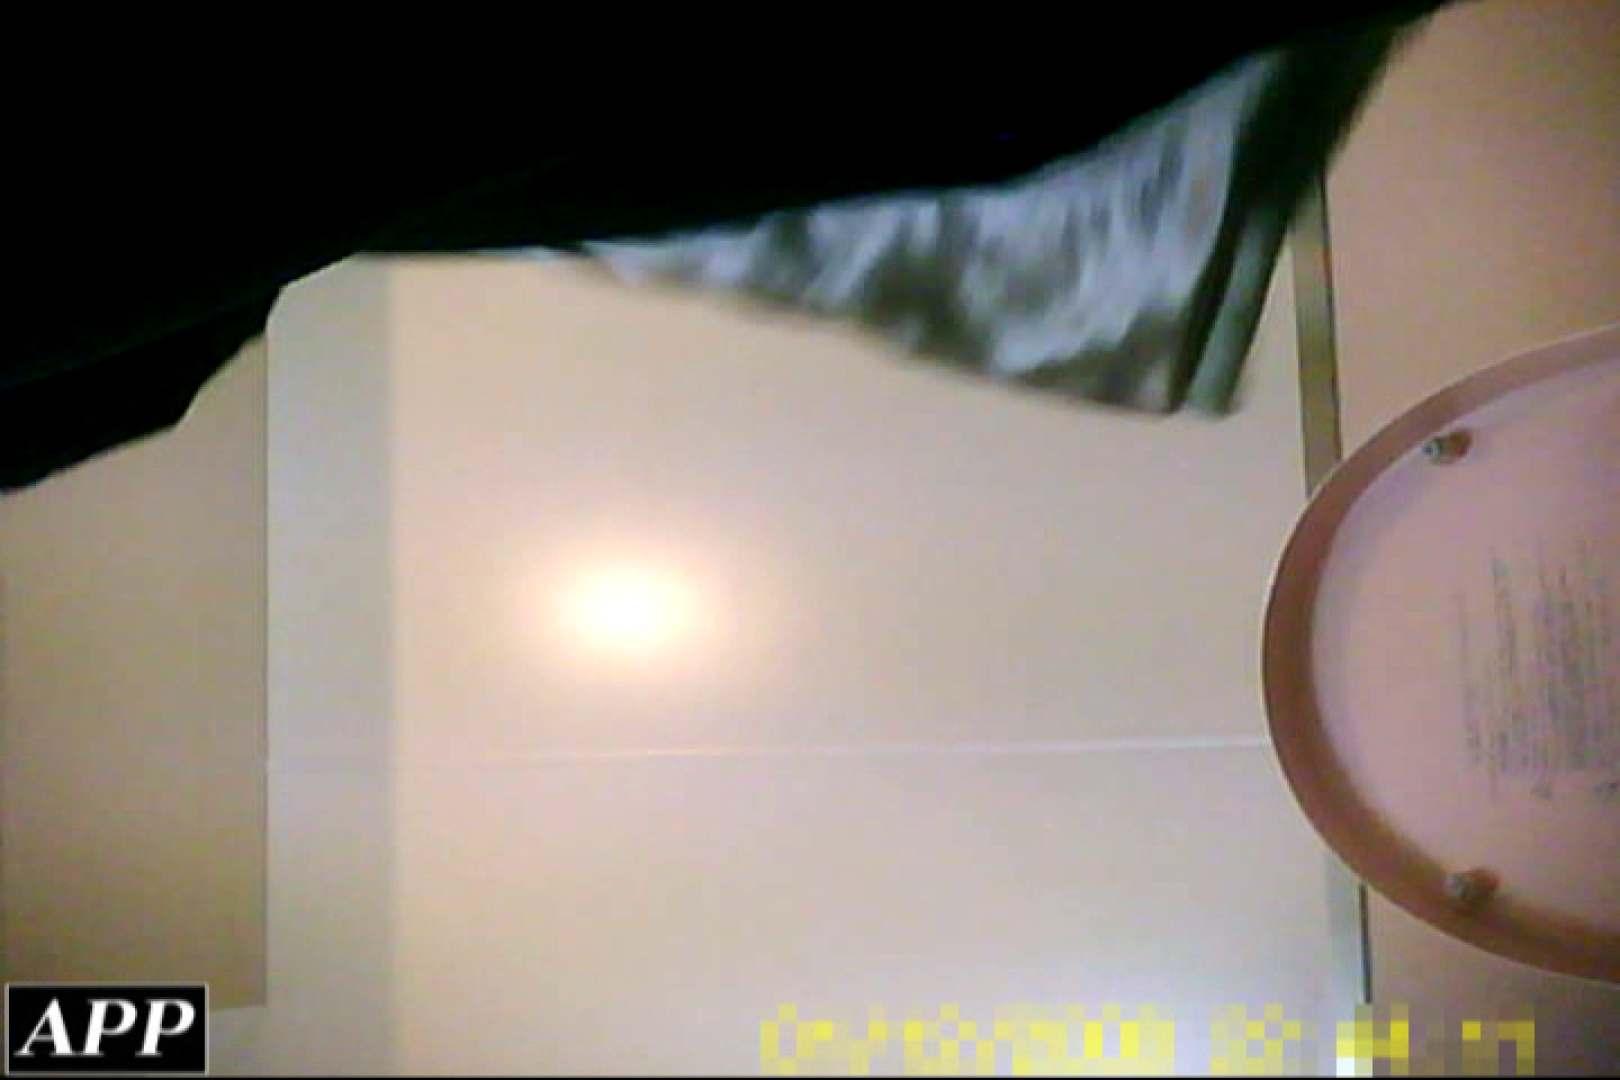 3視点洗面所 vol.74 オマンコ大好き 性交動画流出 68画像 13